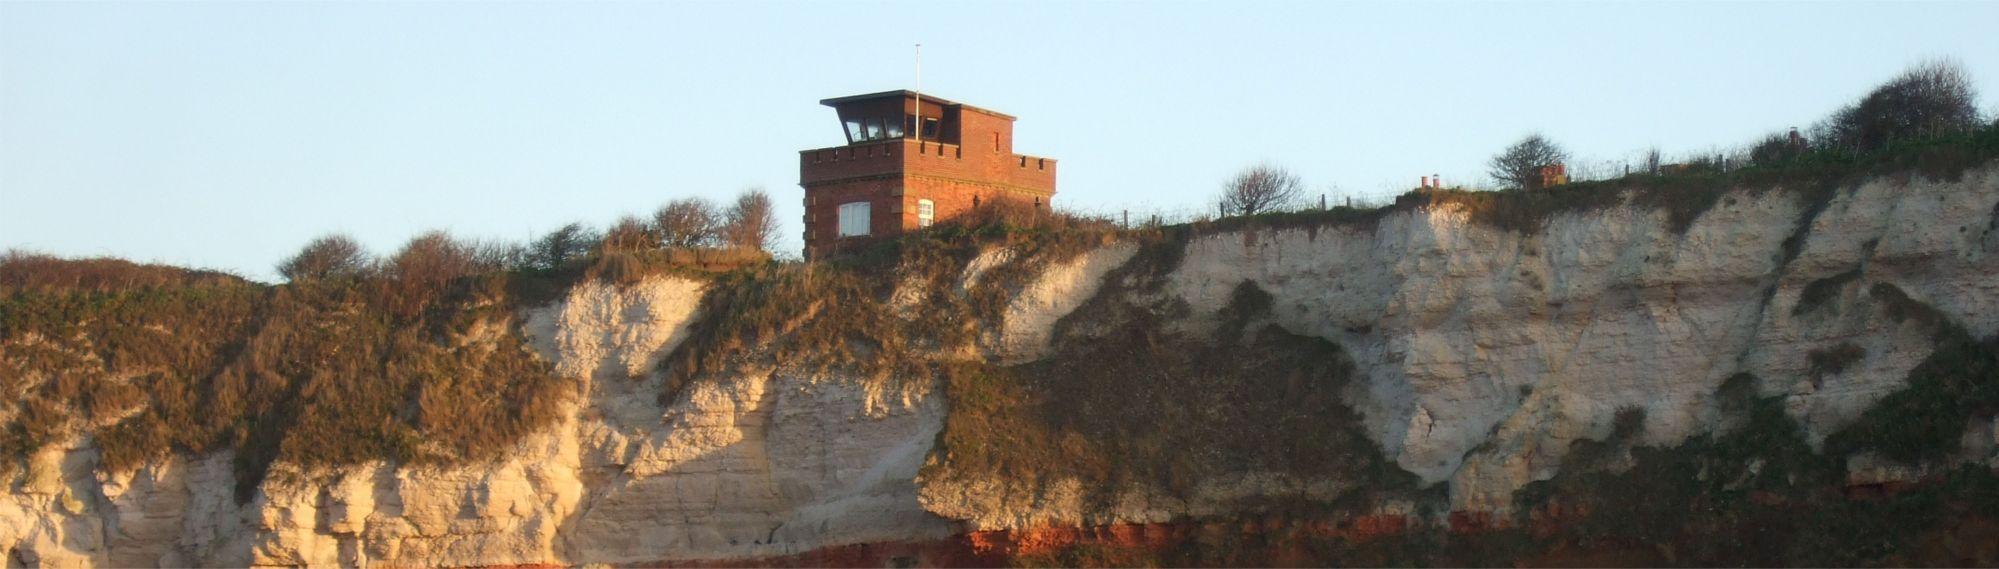 Clifftop Coastguard Lookout Hunstanton